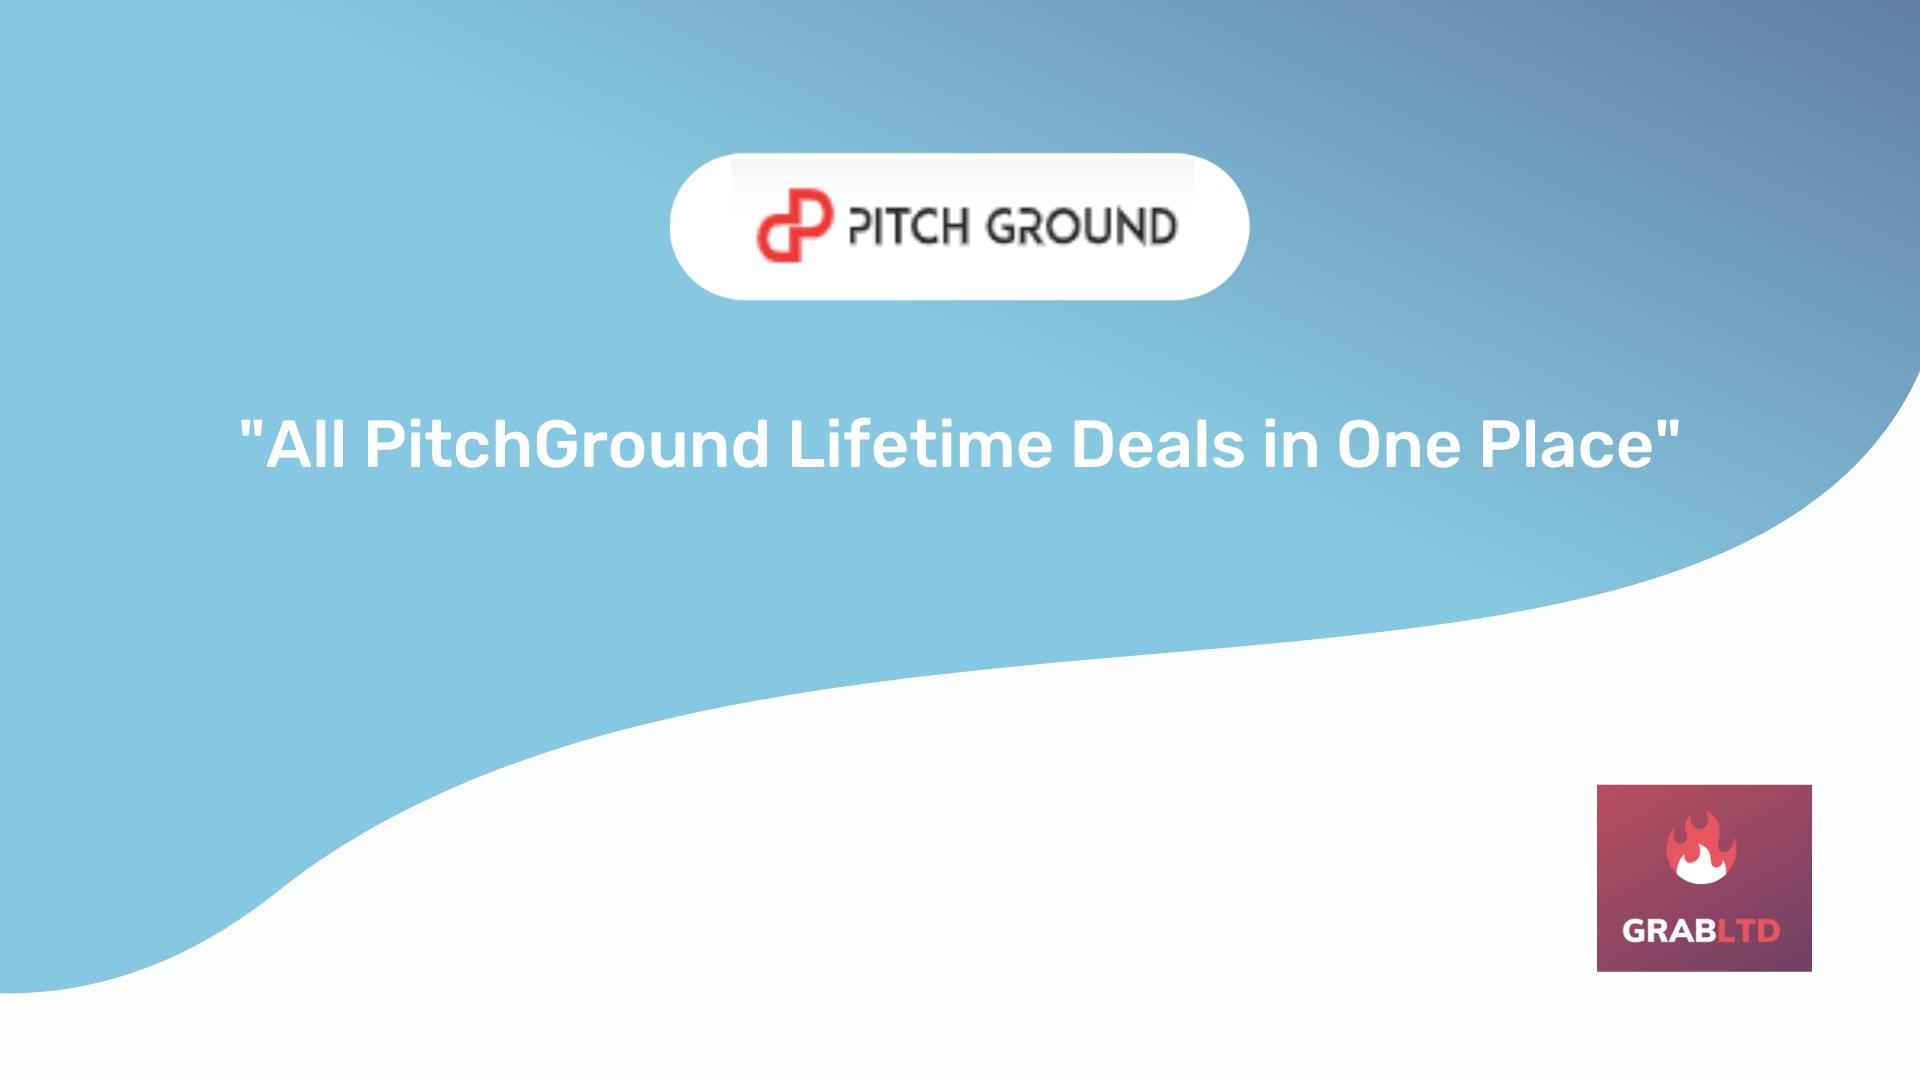 pitchground-lifetime-deals-grabltd